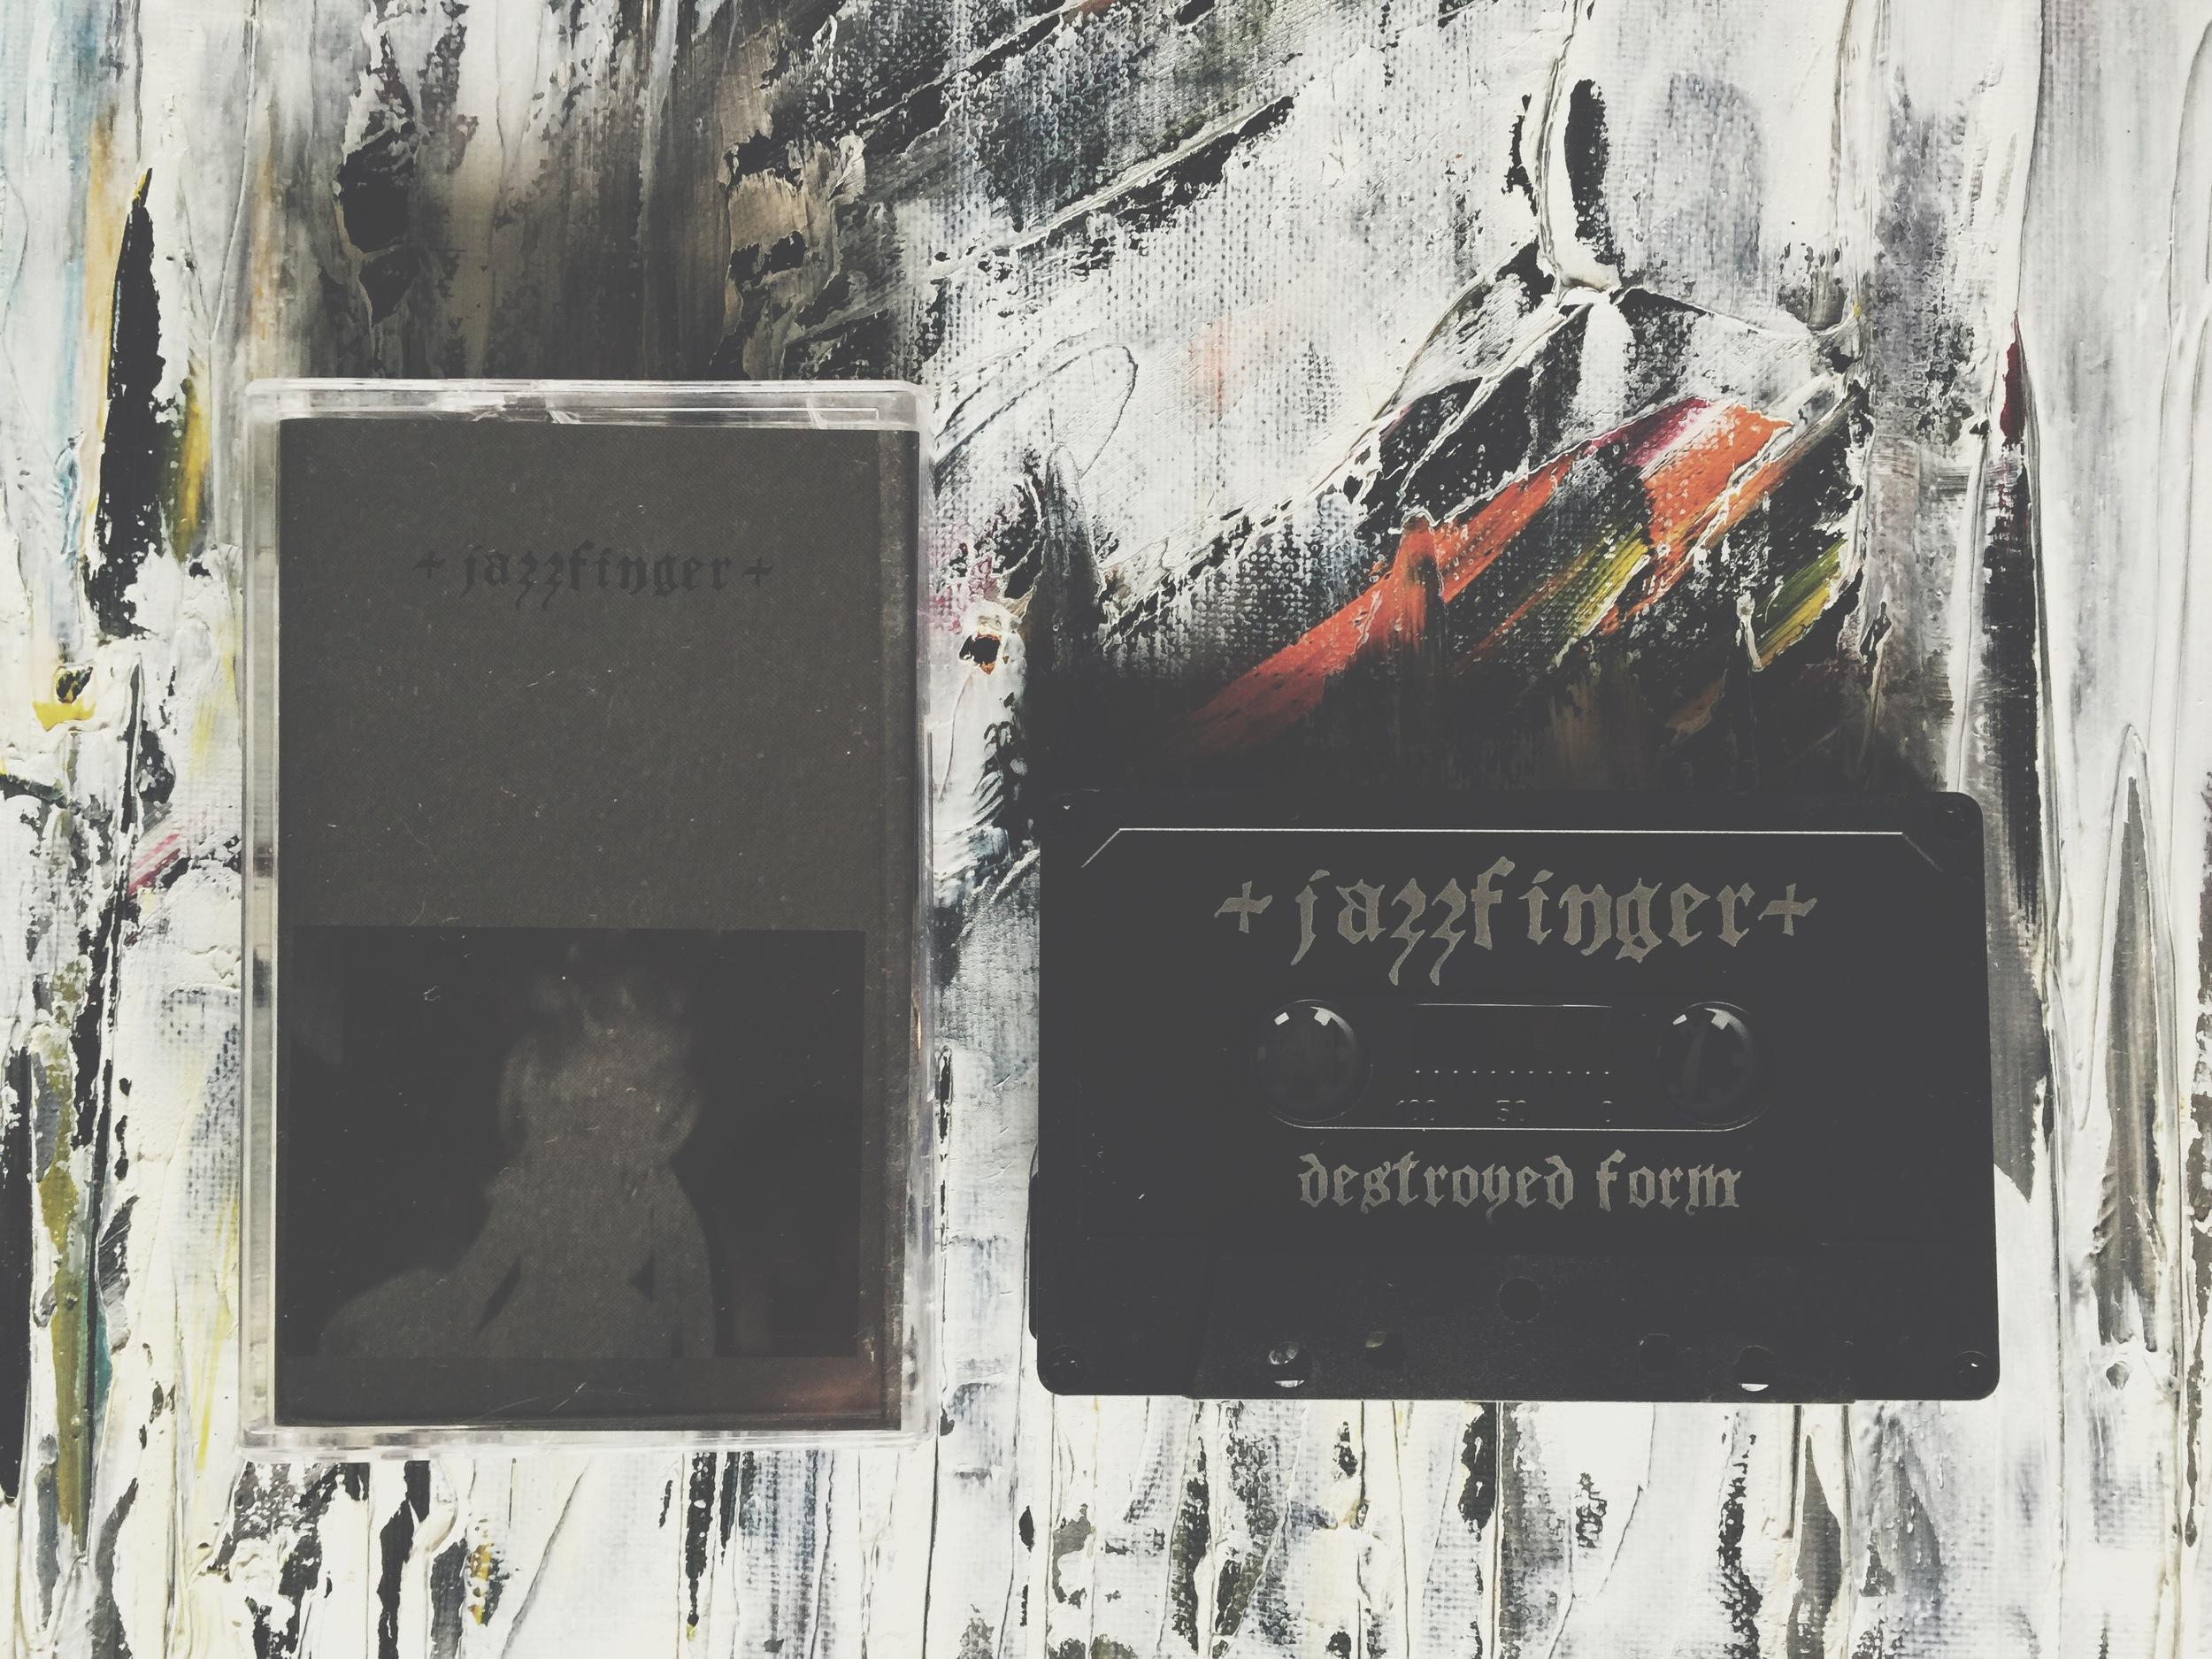 02. Jazzfinger - Destroyed Form.jpg